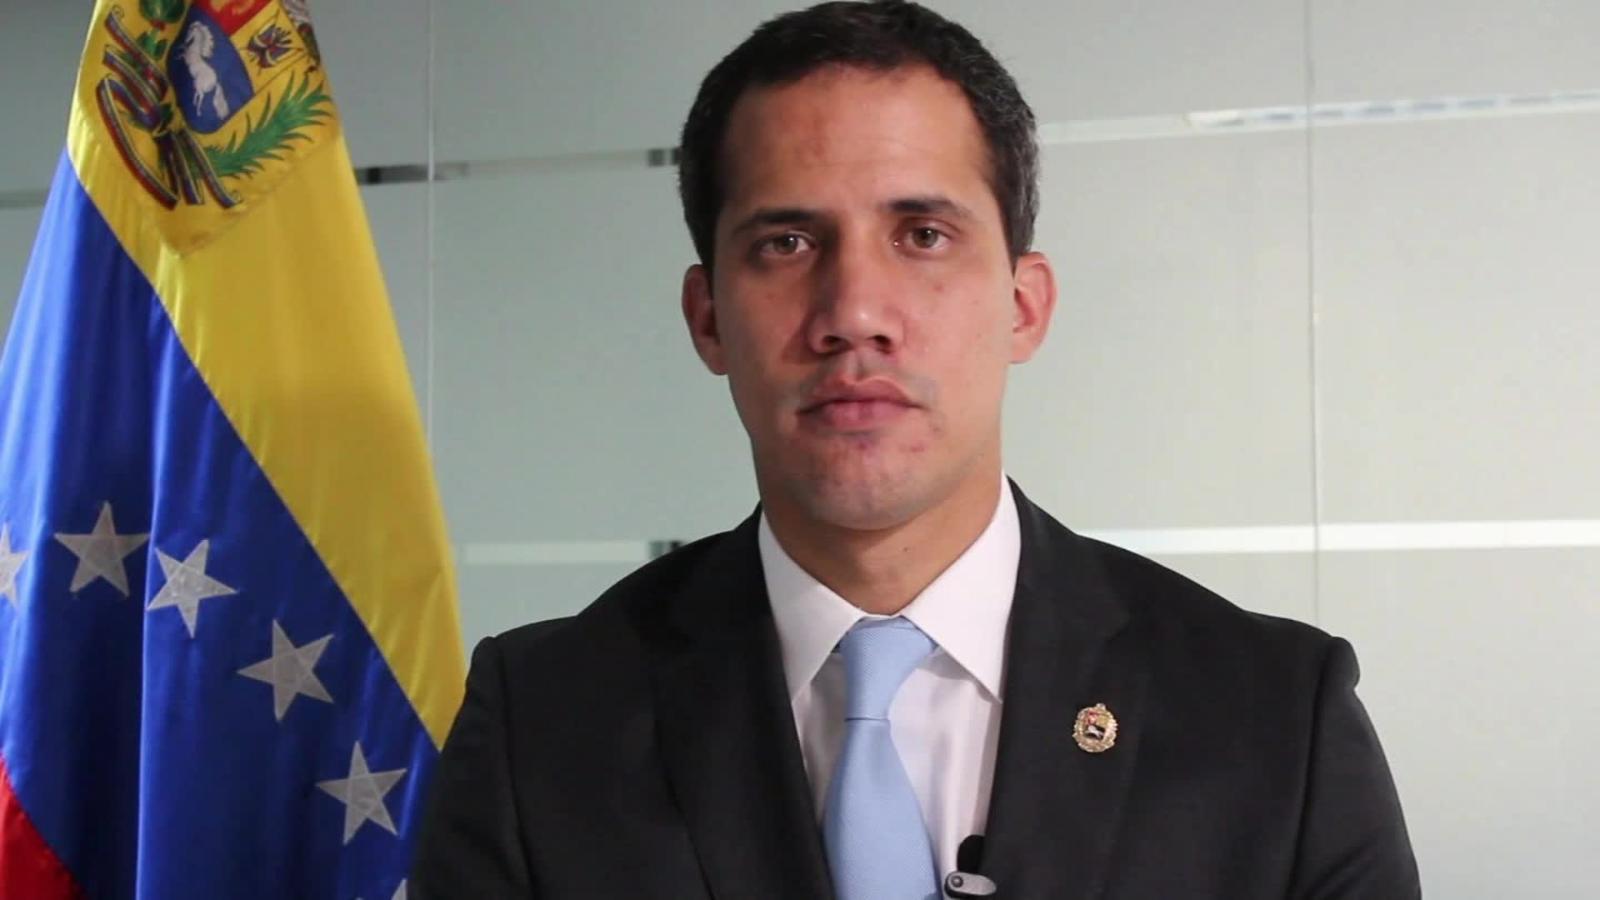 """Guaidó: """"Con Maduro no hay posibilidad de diálogo""""   Video   CNN"""